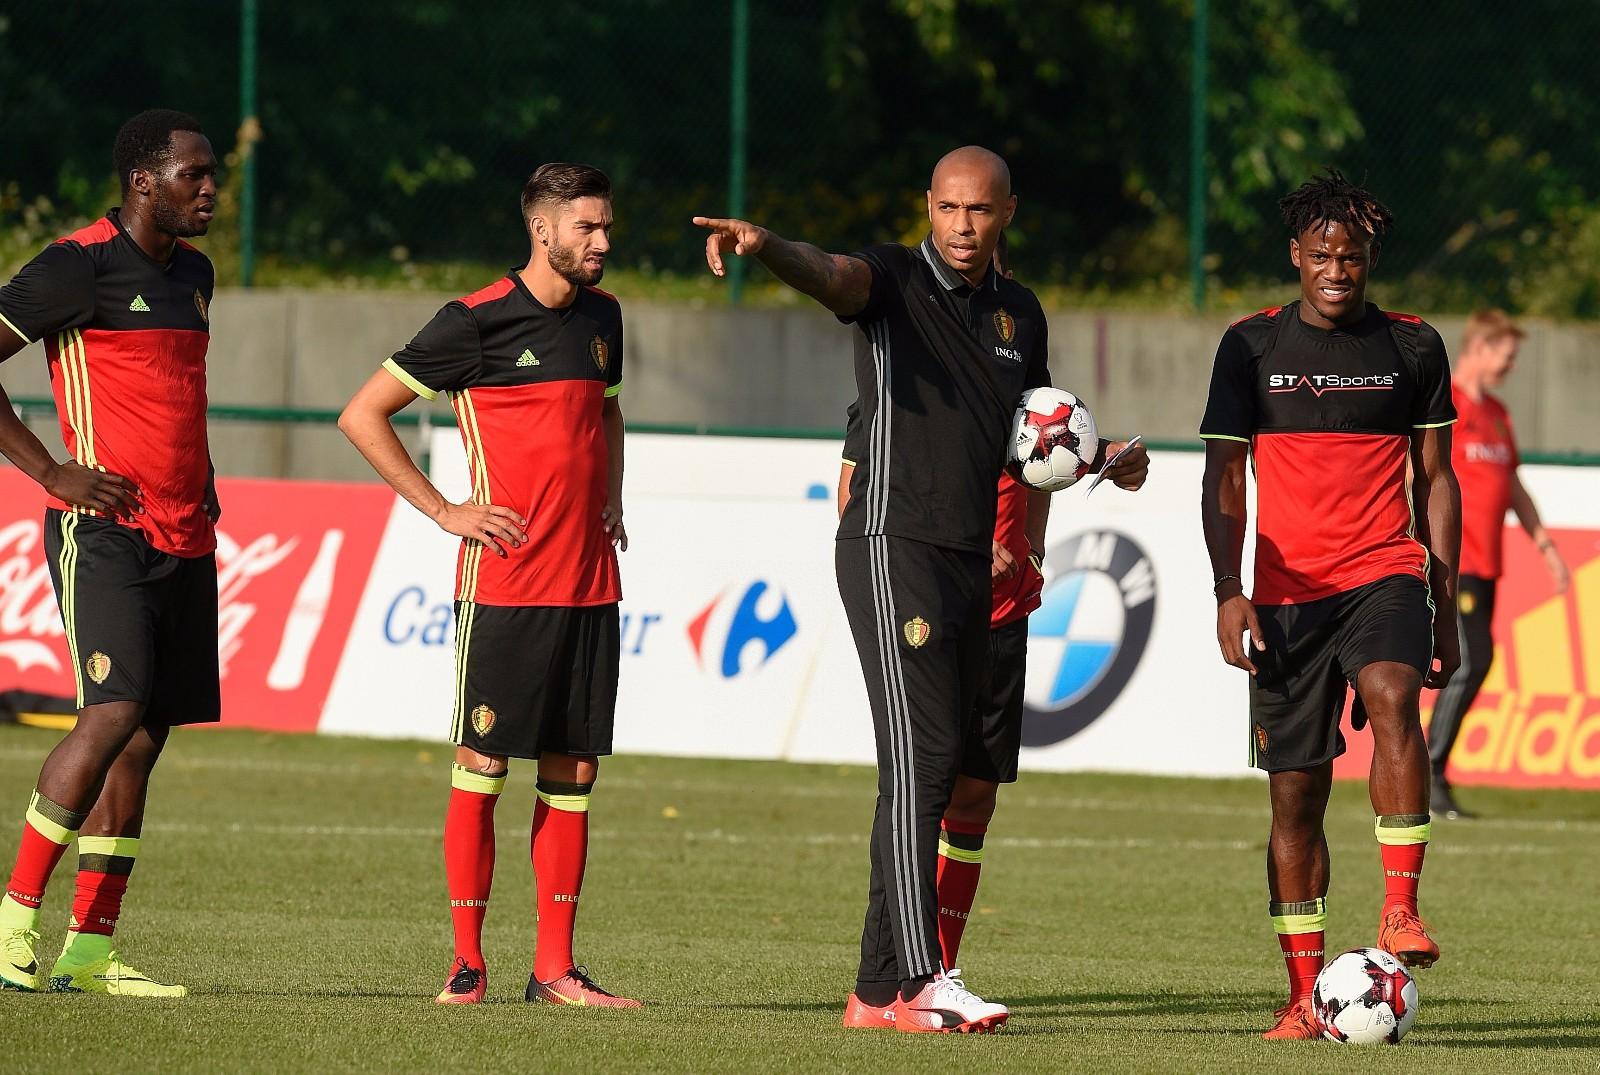 图为2016年8月29日,比利时国家队助理教练亨利(左三)在备战与西班牙队友谊赛的训练中指导球员。